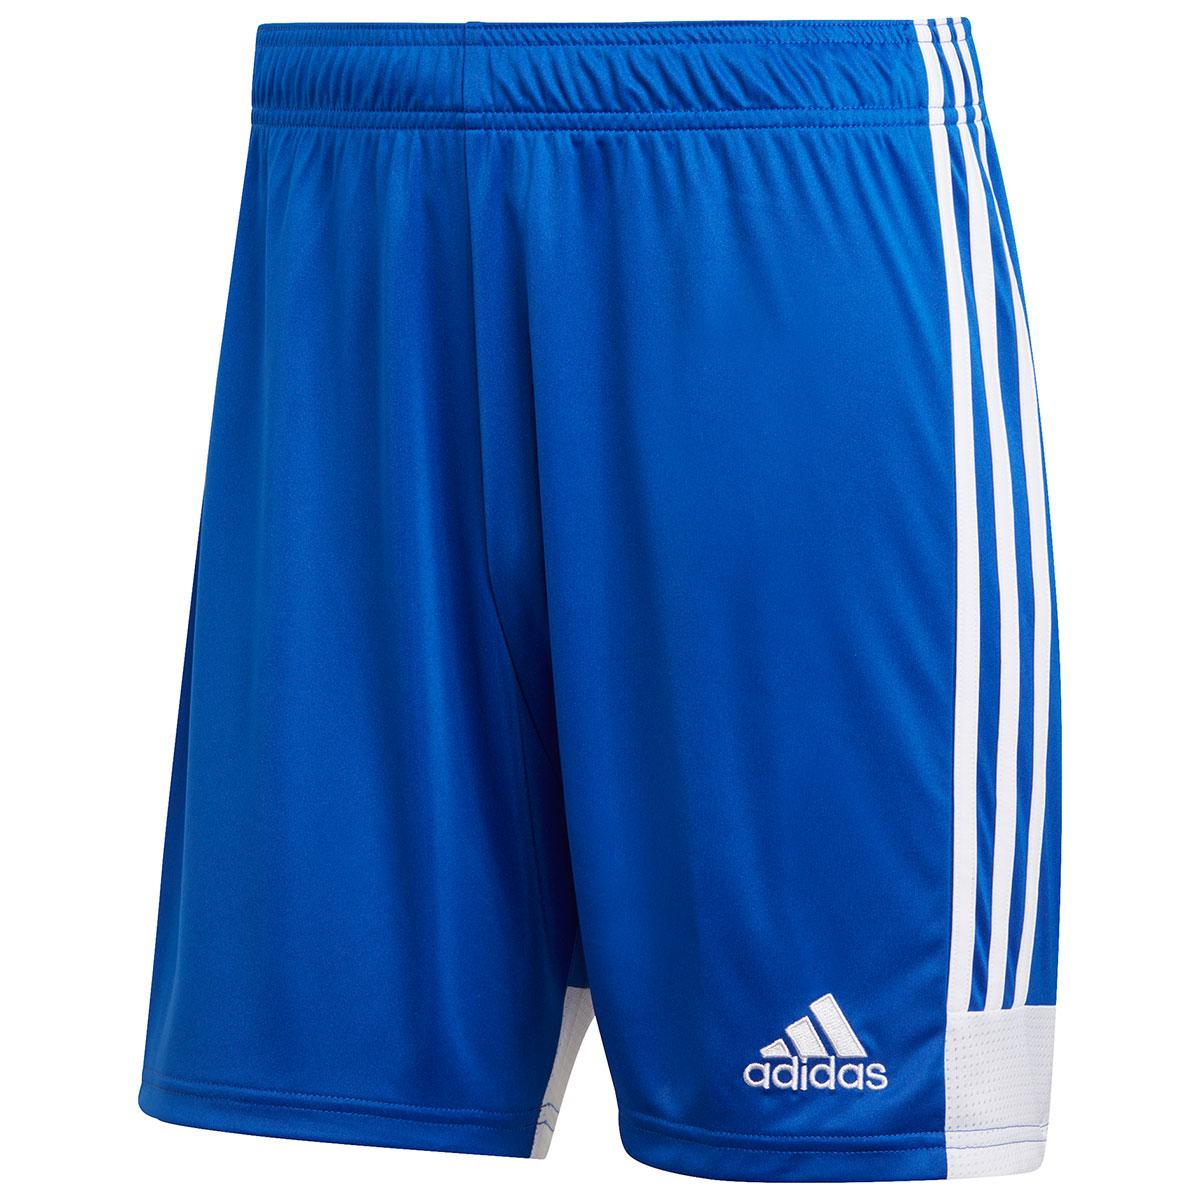 Adidas Men's Tastigo 19 Shorts - Blue, XXL